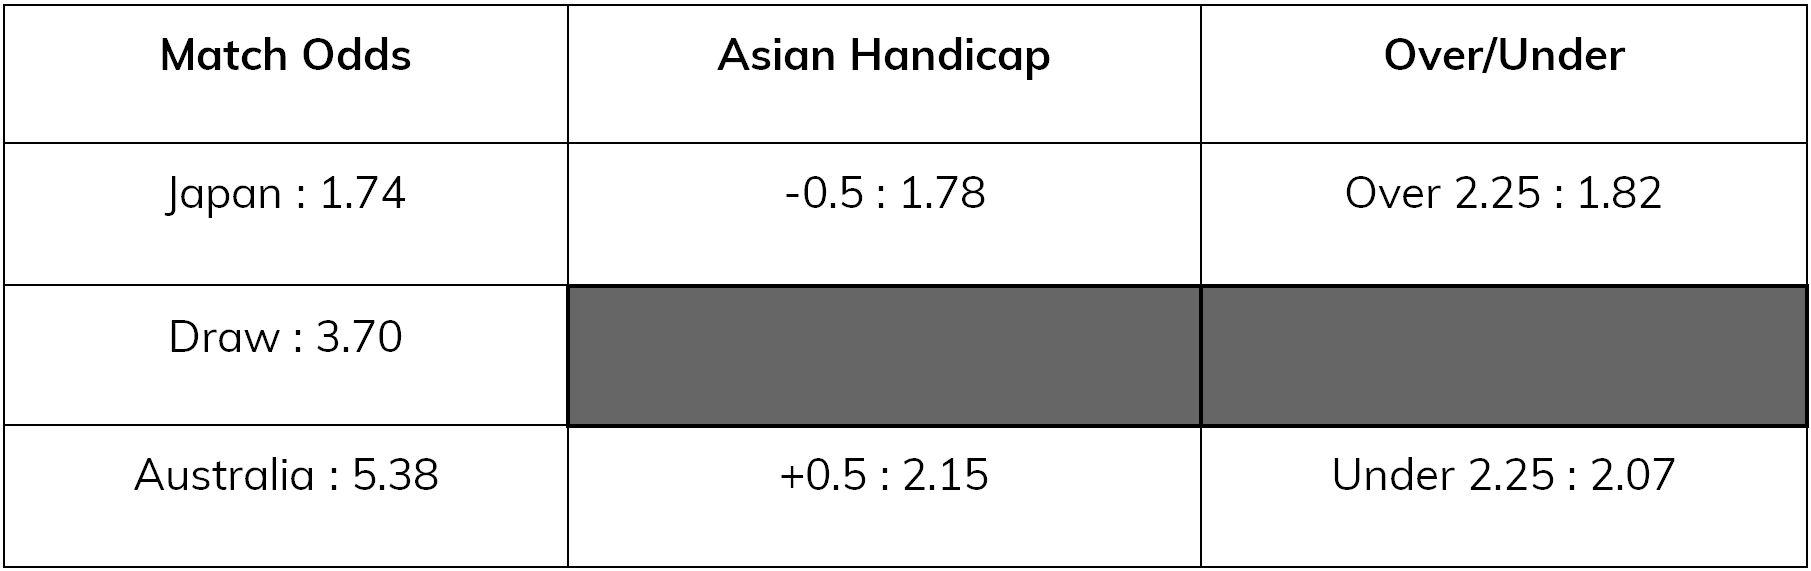 denmark-v-australia-asian-handicap, eastbridge5